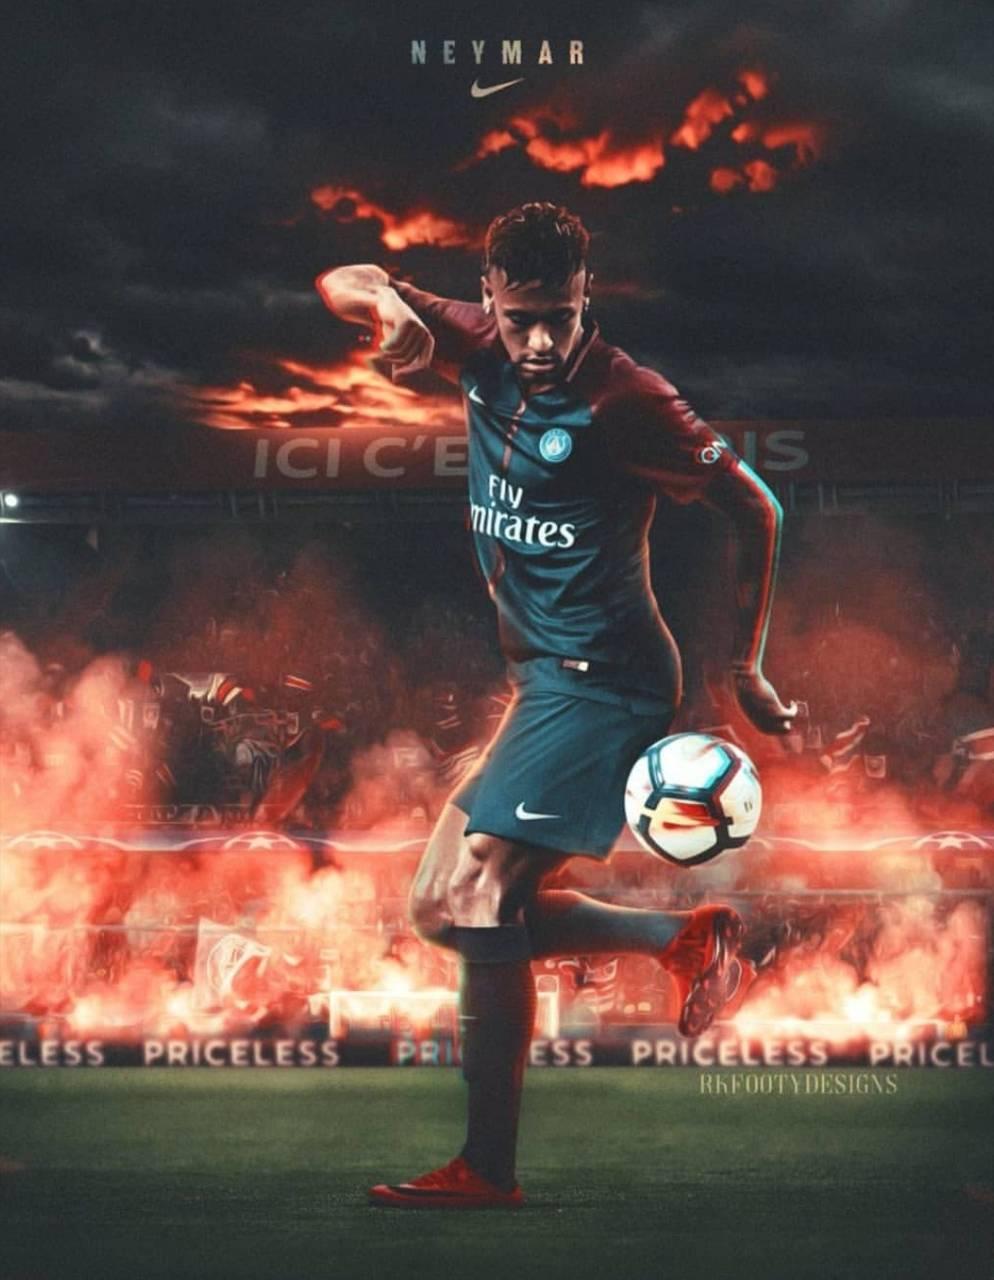 Neymar Jr Wallpaper By Kktke E9 Free On Zedge